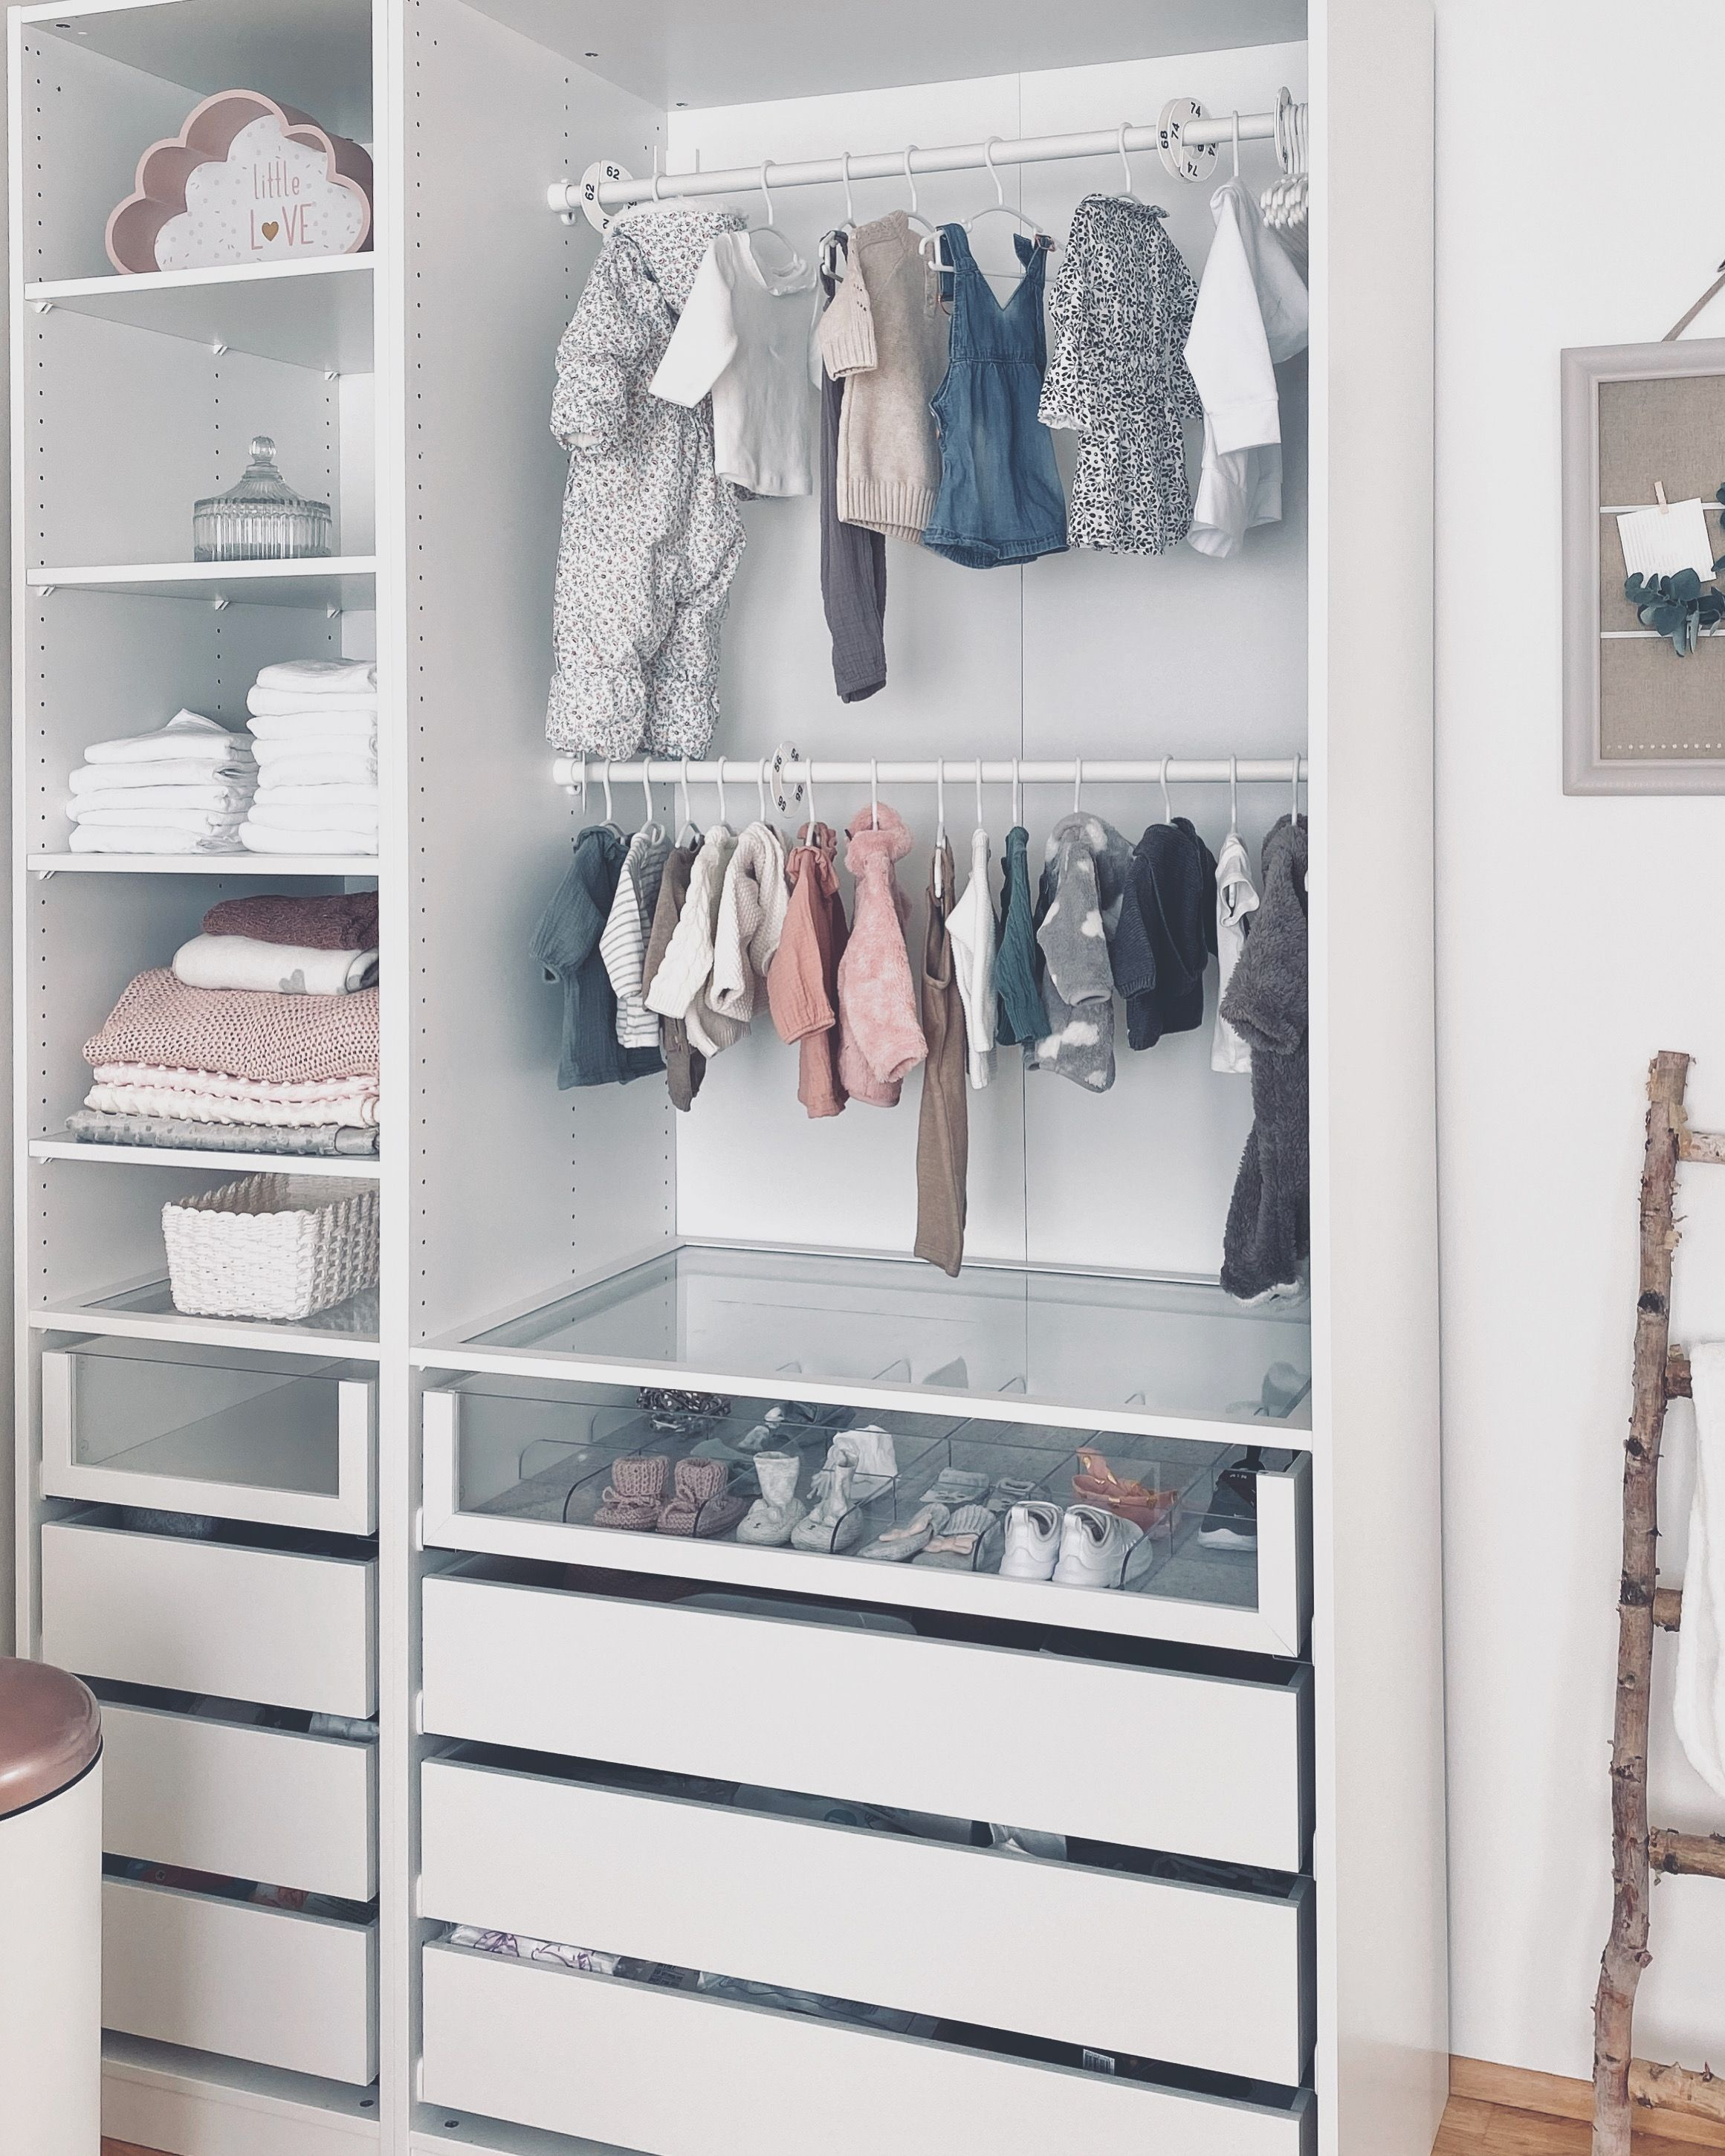 Baby Ikea Kleiderschrank Pax Wardrobe Babyroom Babyroomdecor Babyroomideas Babyzimmer In 2020 Baby Kleiderschrank Kleiderschrank Kinderzimmer Ikea Babyzimmer